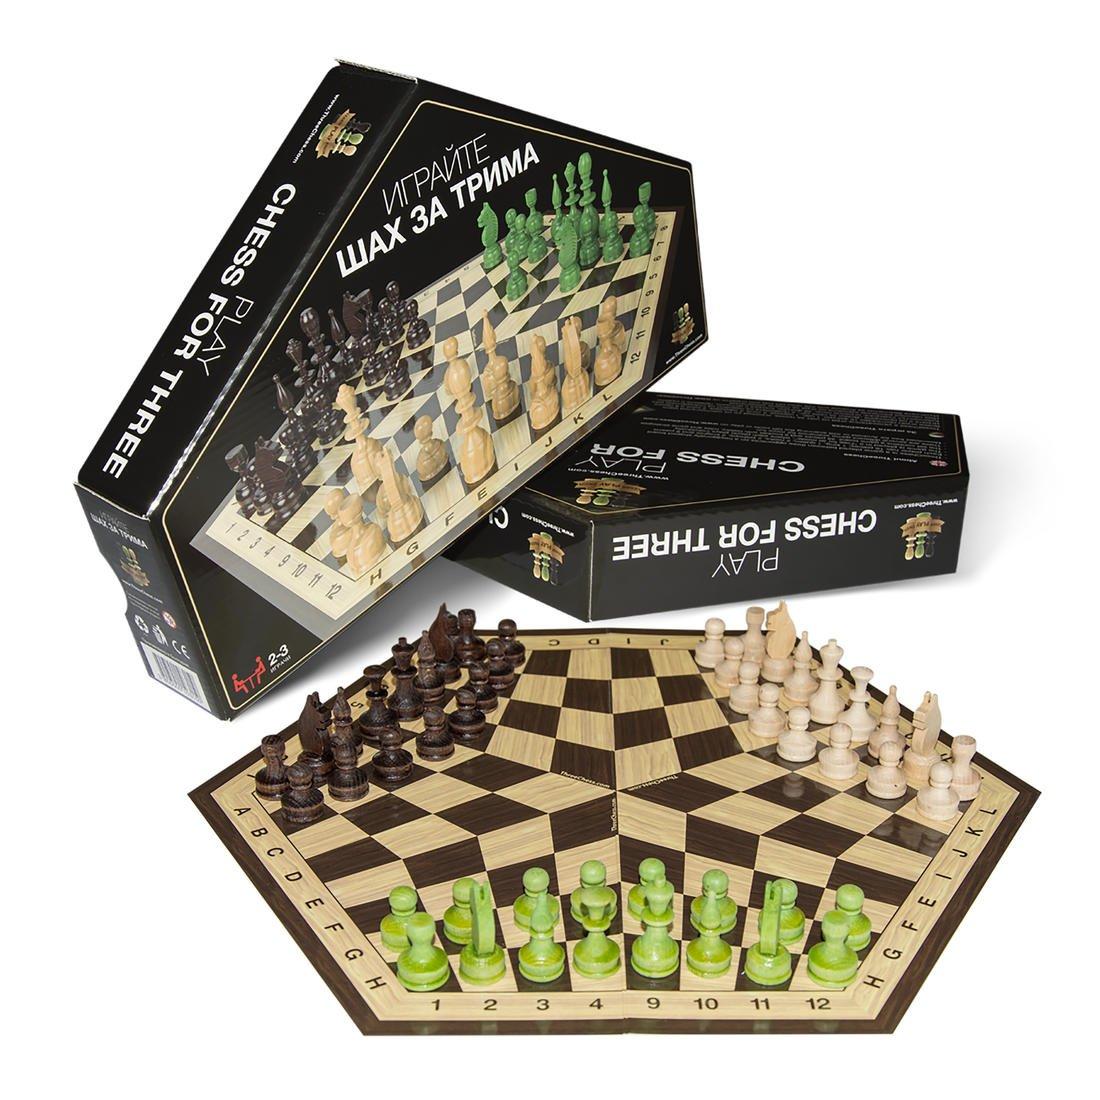 ThreeChess Schachspiel für 3 Spieler : Reise-Schachbrett